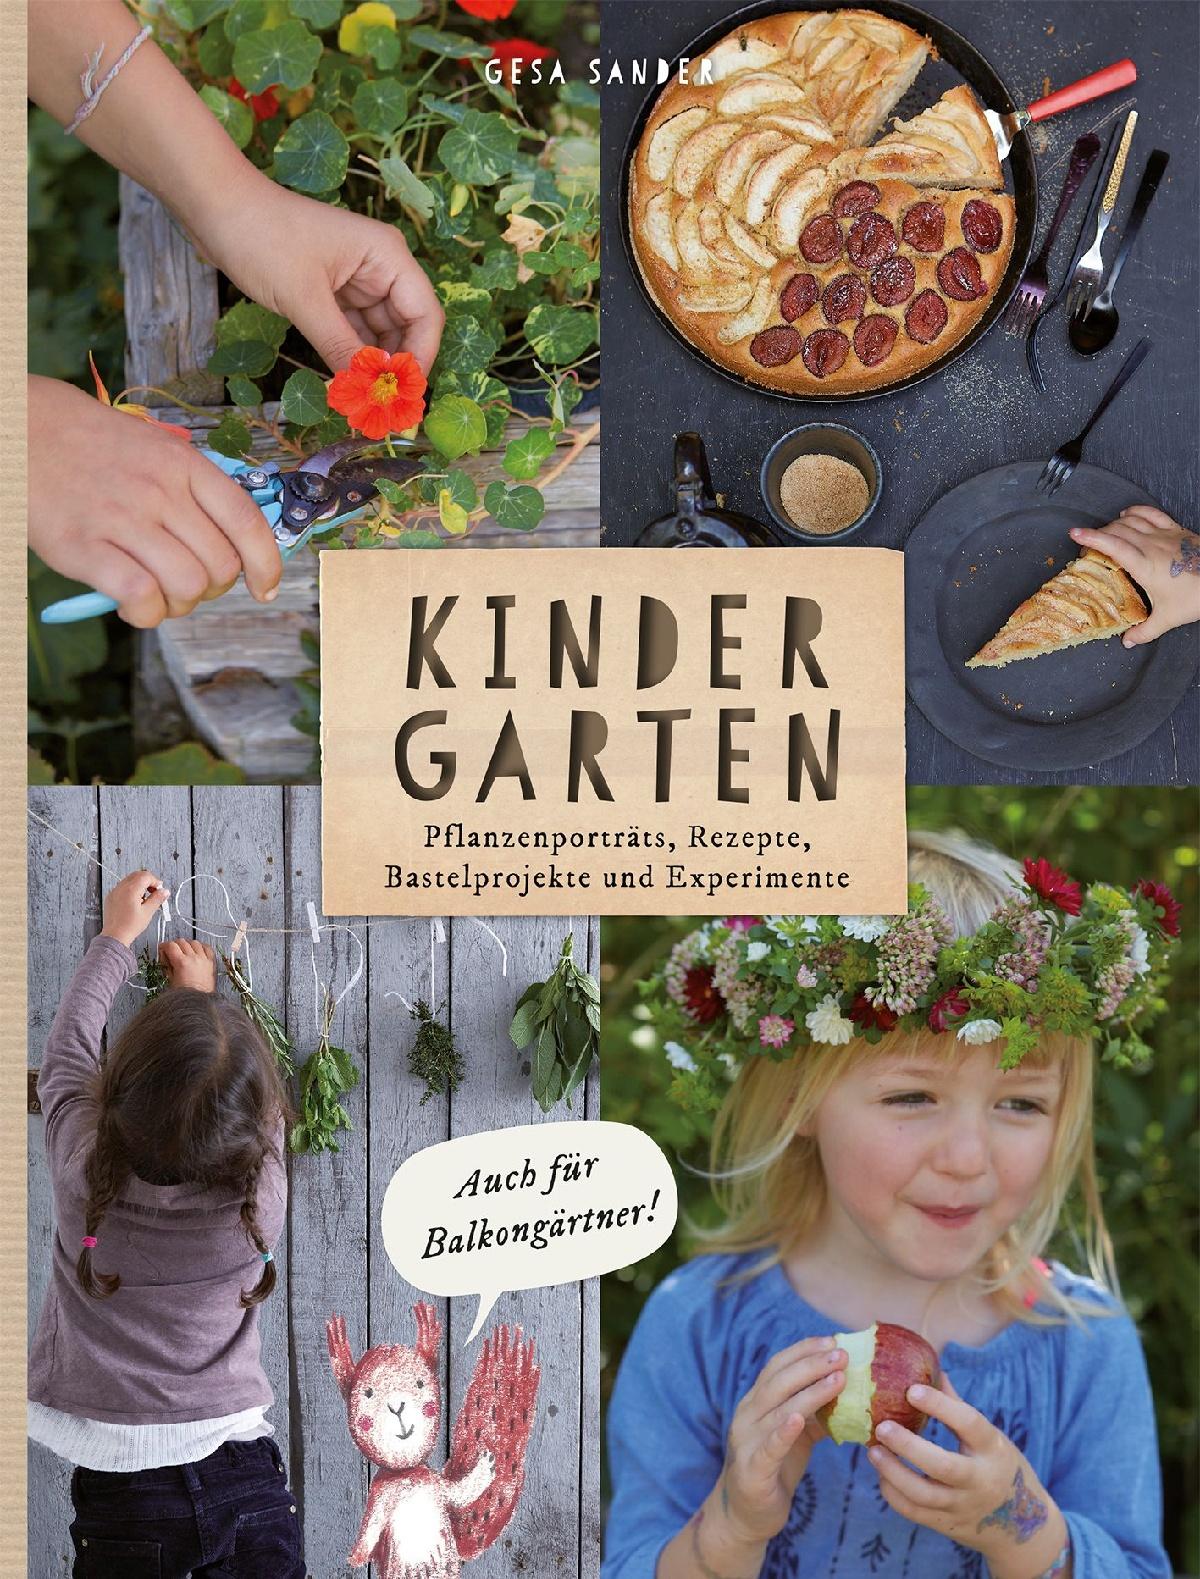 Gesa Sander »Kindergarten«. Fotografien von Julia Hoersch, AT Verlag.